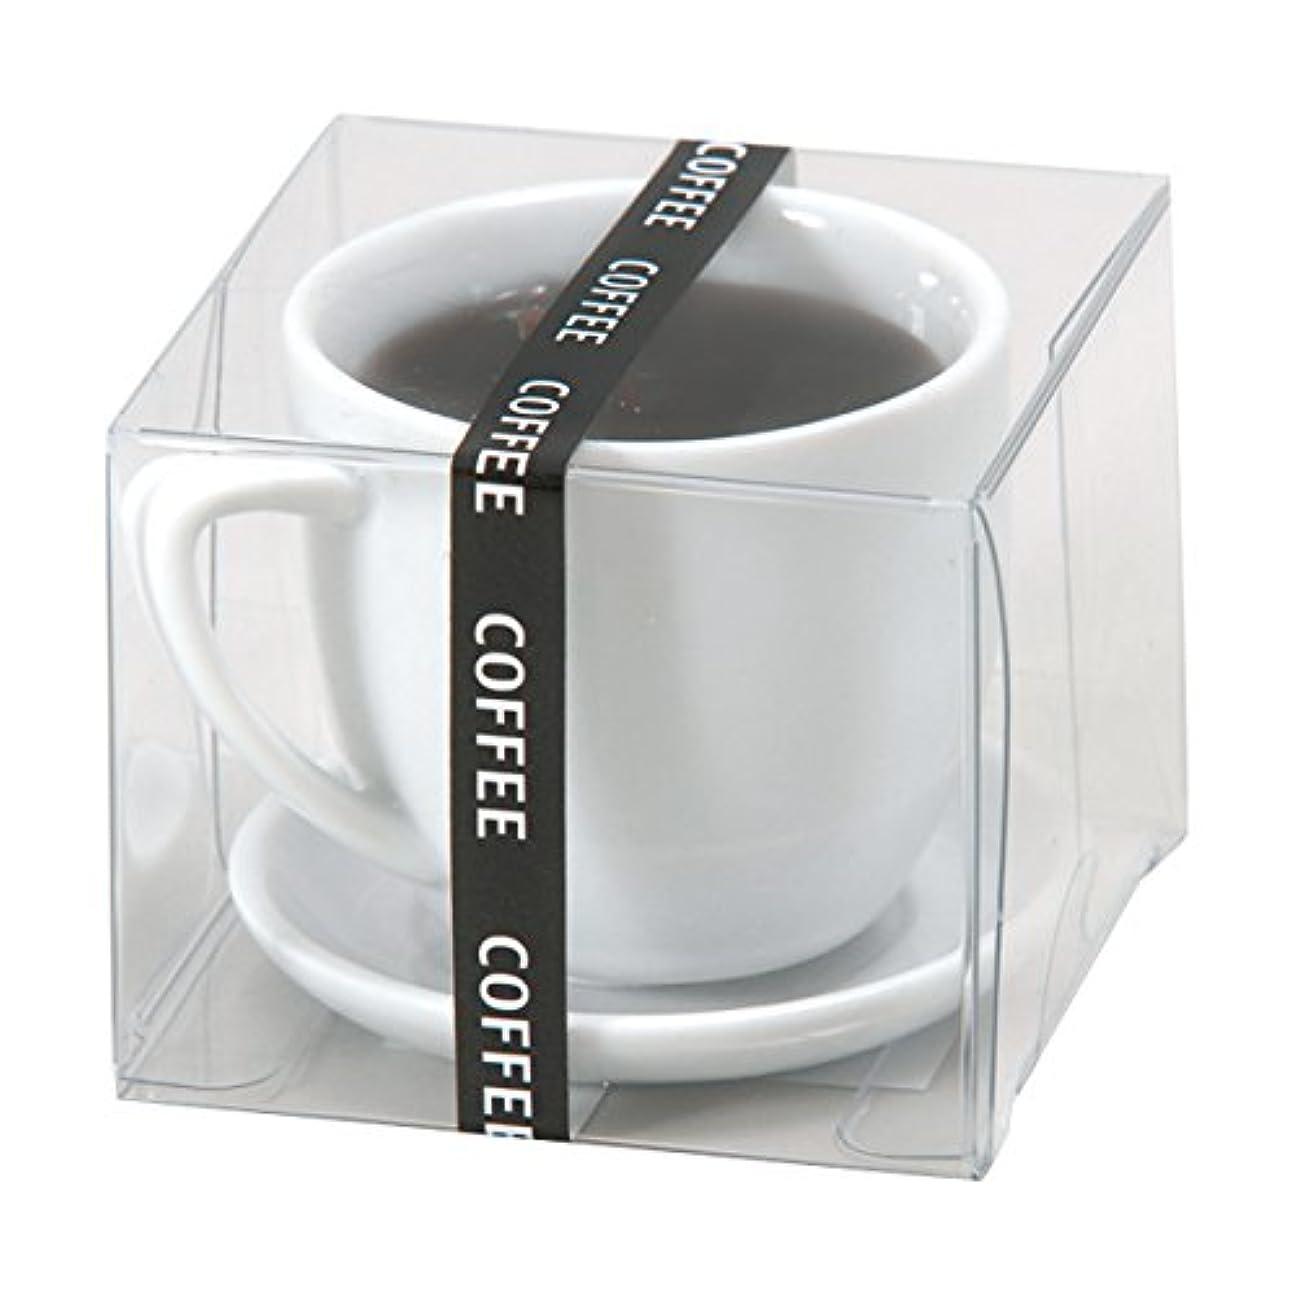 規則性文句を言うに沿ってホットコーヒー ローソク